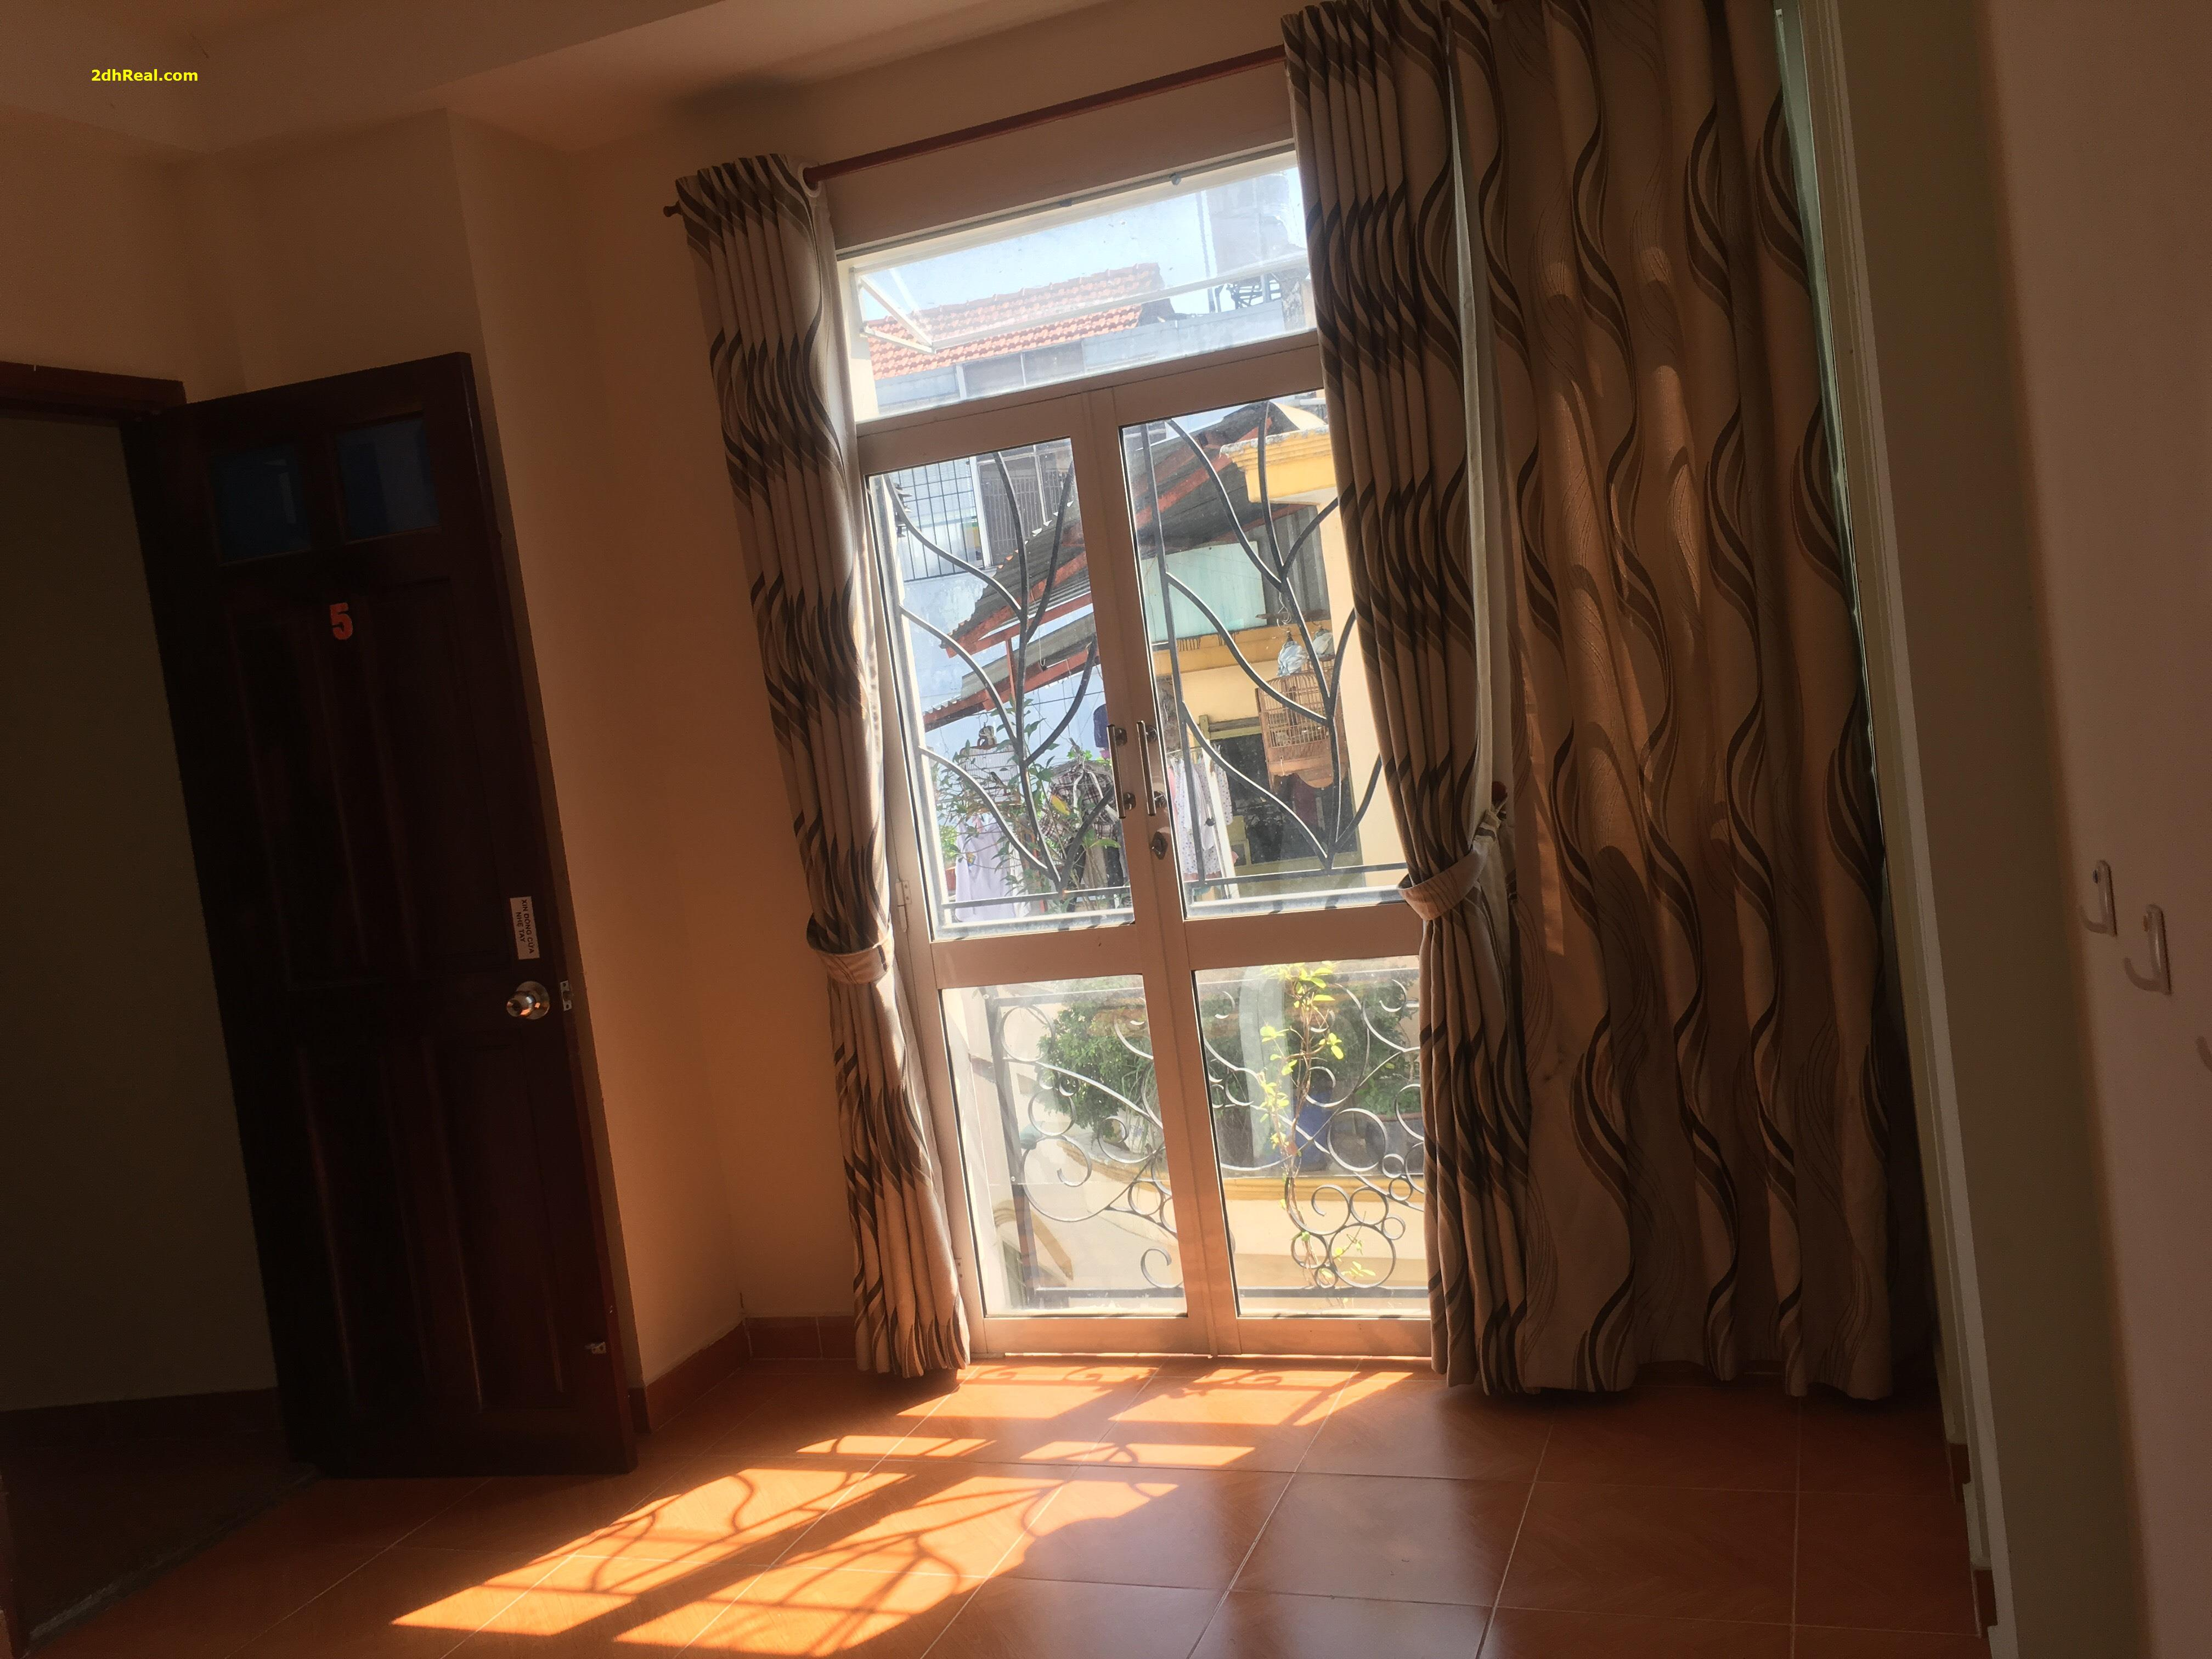 Cho 1 nữ thuê phòng có ban công cửa sổ Lê Văn Sỹ, bao điện, nước, wifi